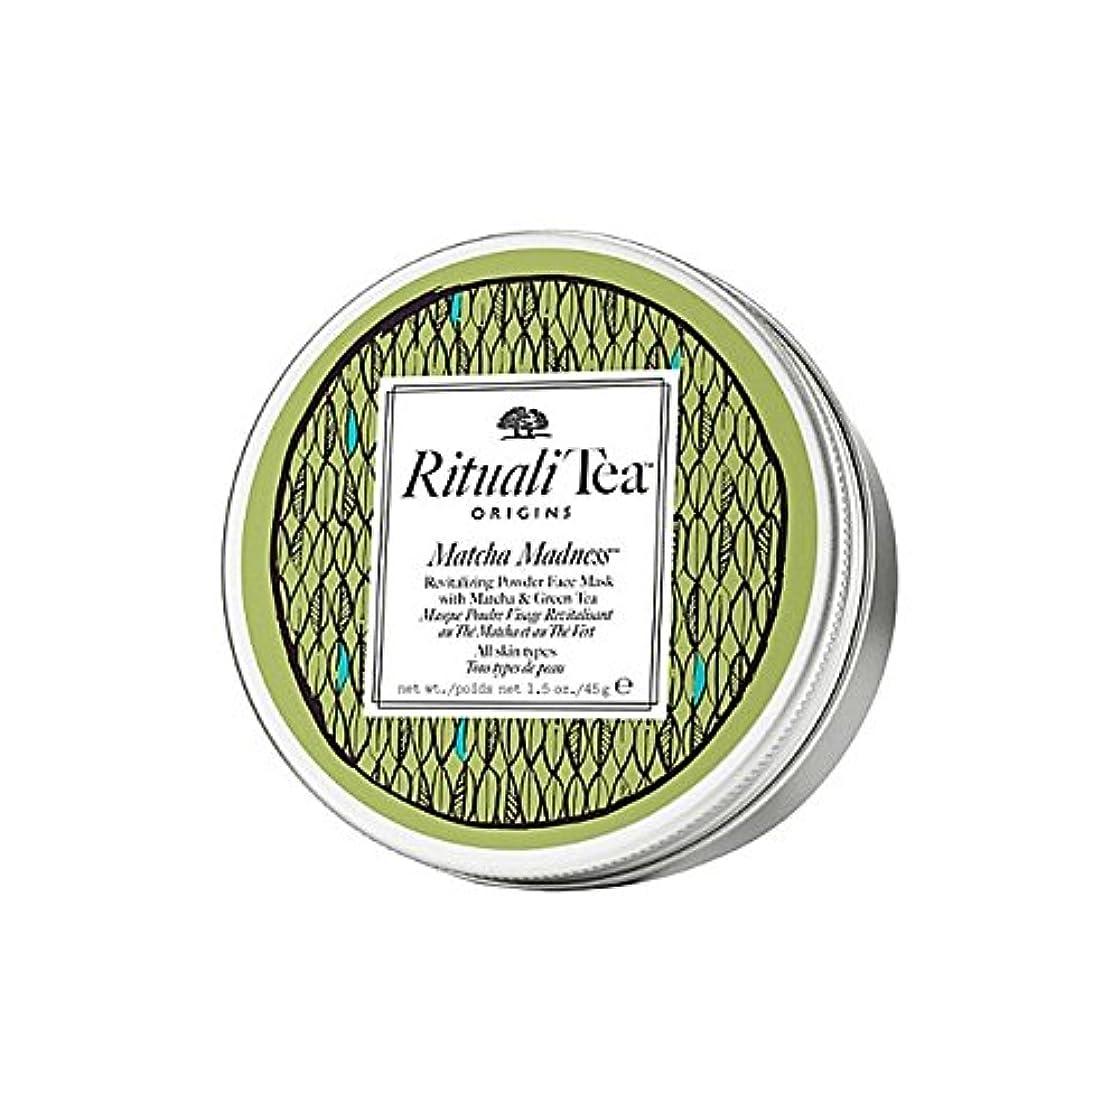 結晶増強受粉するOrigins Ritualitea Matcha Powder Face Mask - 抹茶パウダーフェイスマスク起源 [並行輸入品]